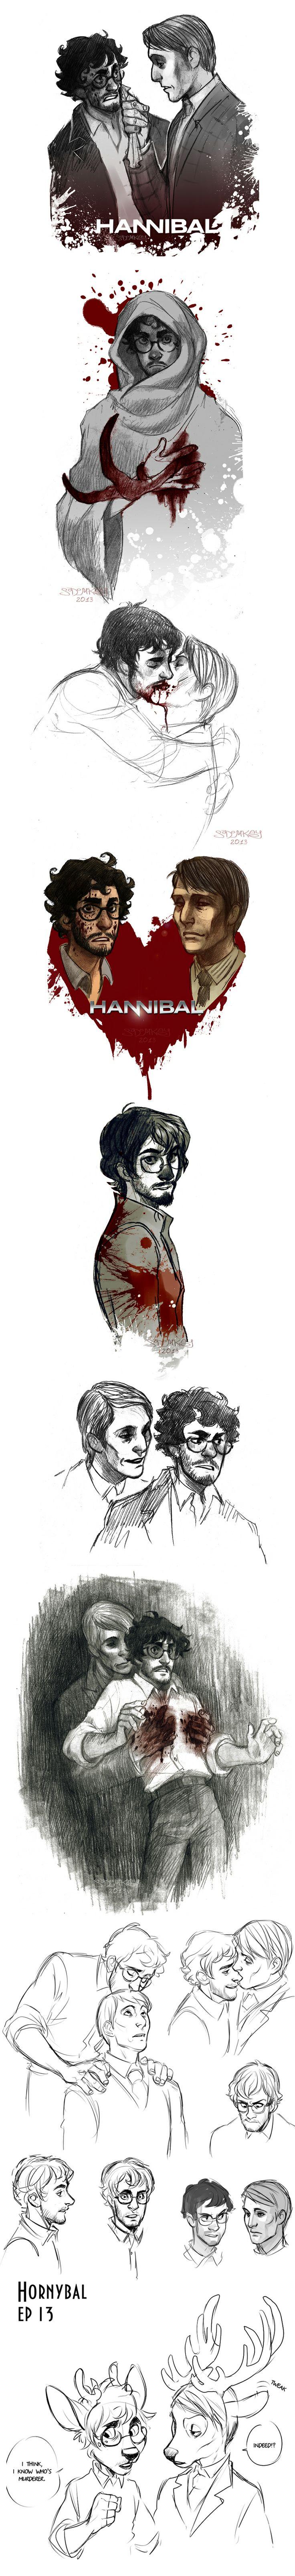 Hannibal by MisterKay.deviantart.com on @deviantART